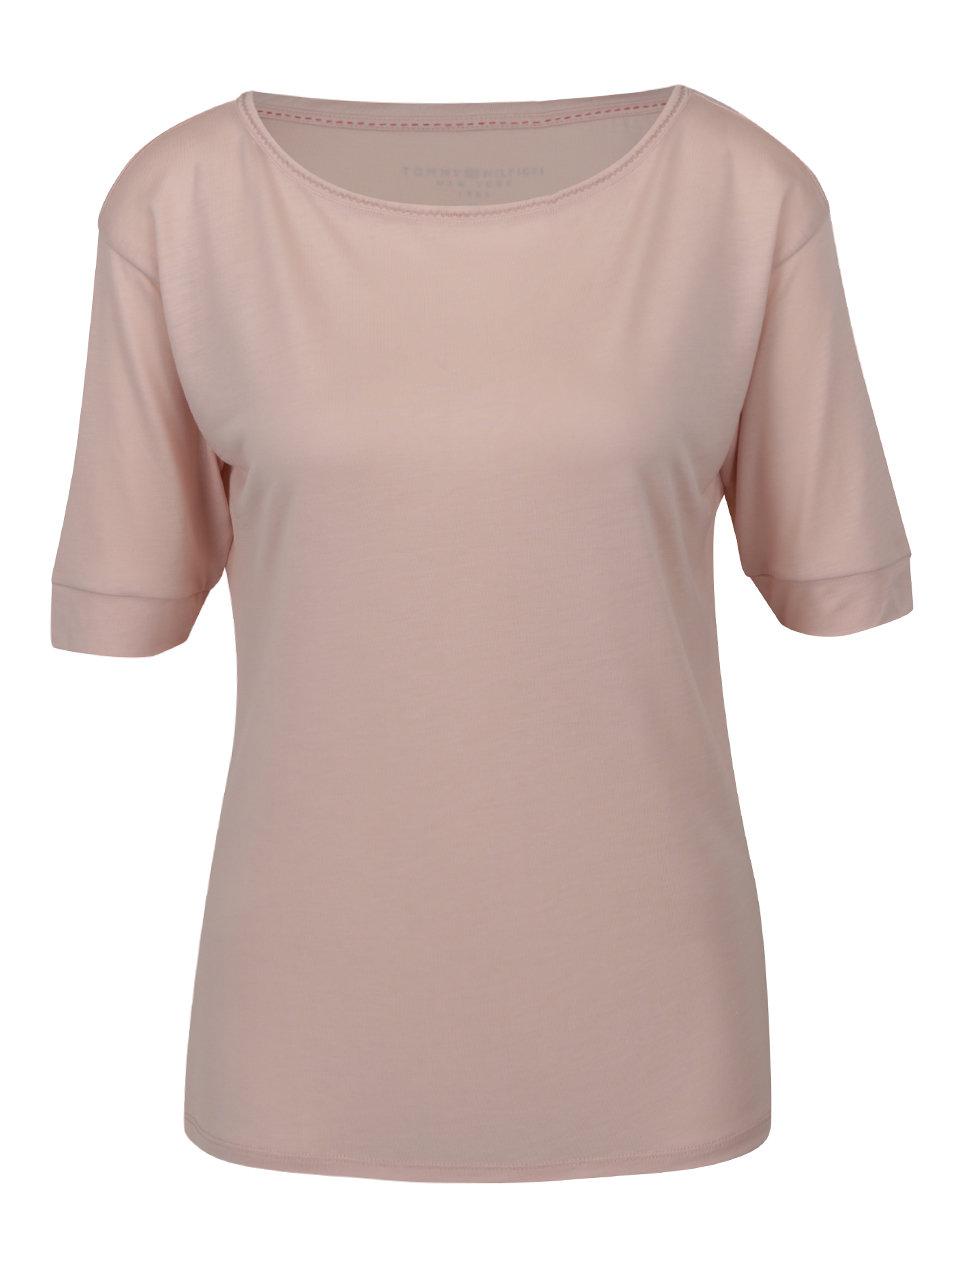 Svetloružové dámske tričko Tommy Hilfiger ... bd41ab28cda